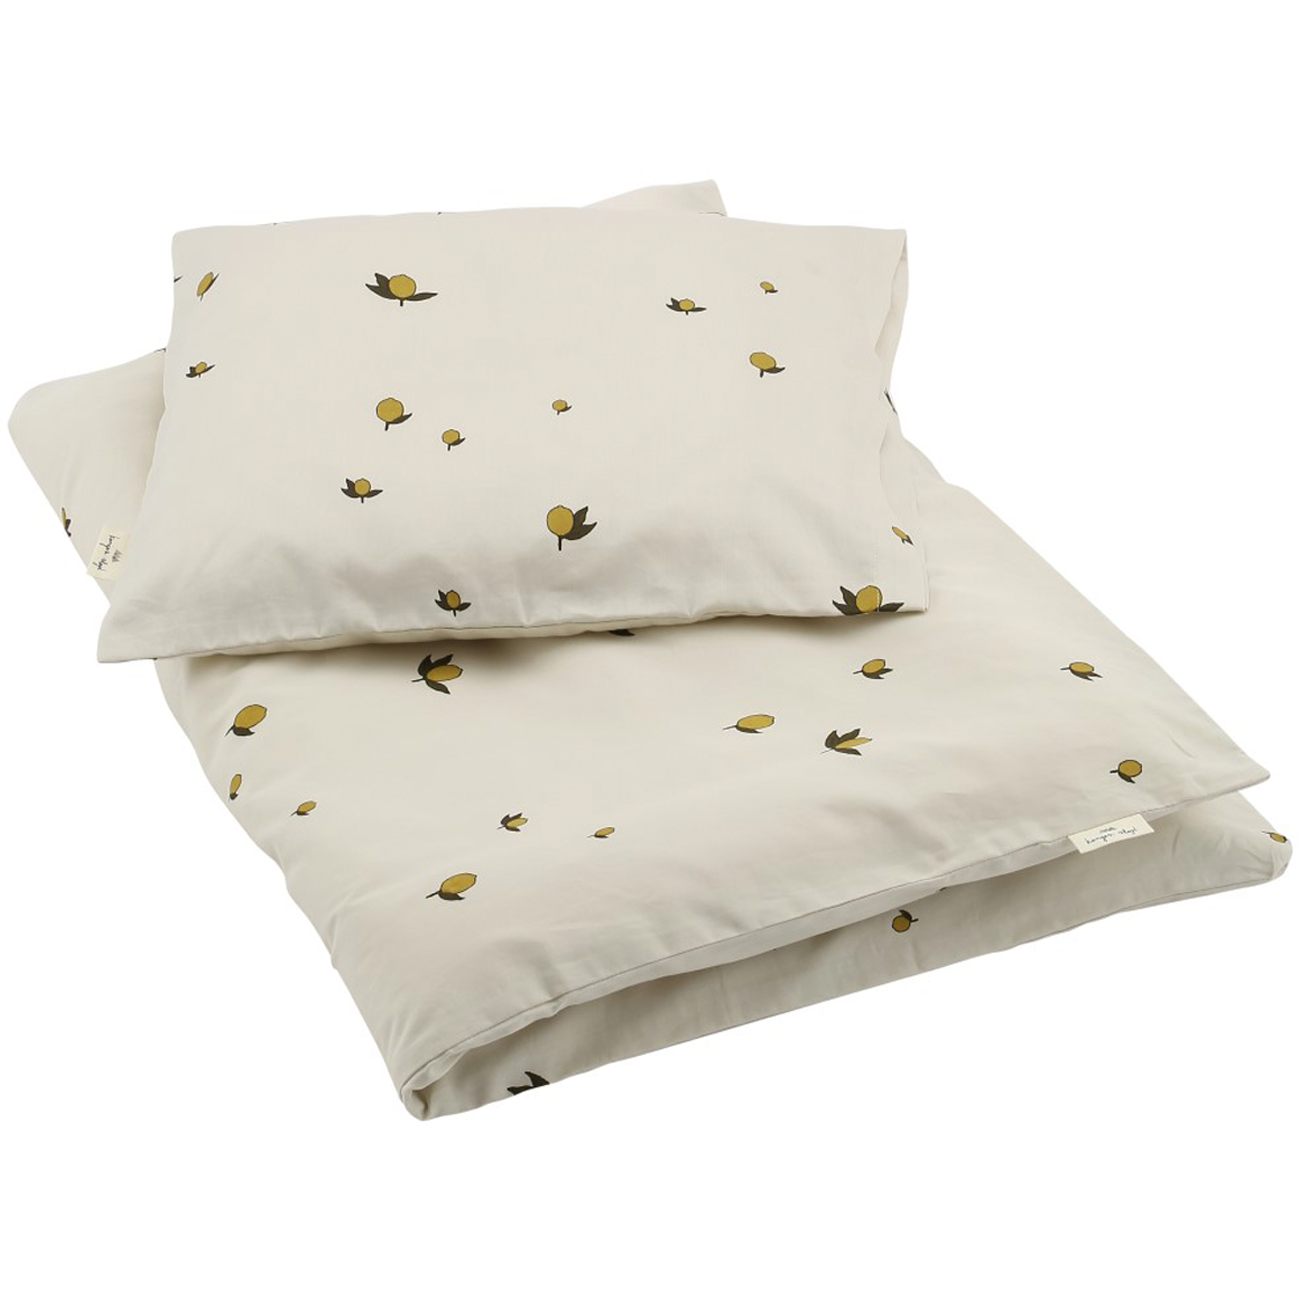 konges sløjd sengetøj Konges Sløjd   Køb bl.a. en uro fra Konges Sløjd online her! konges sløjd sengetøj